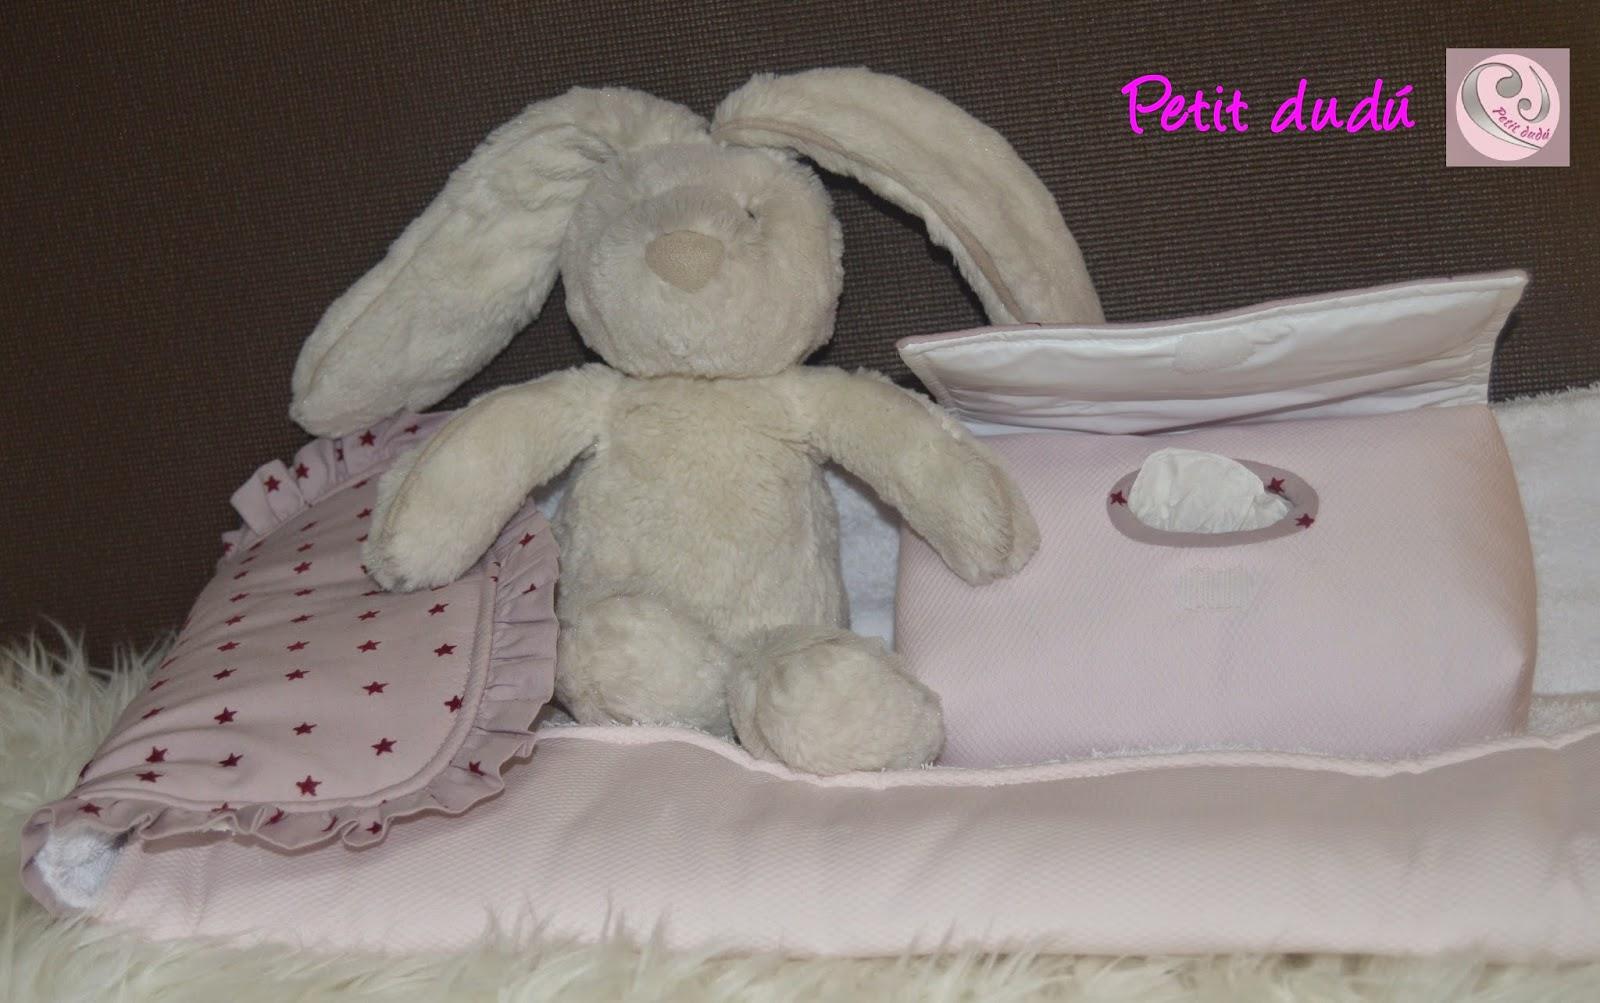 Conjunto de Cambiador y toalla Petitdudu